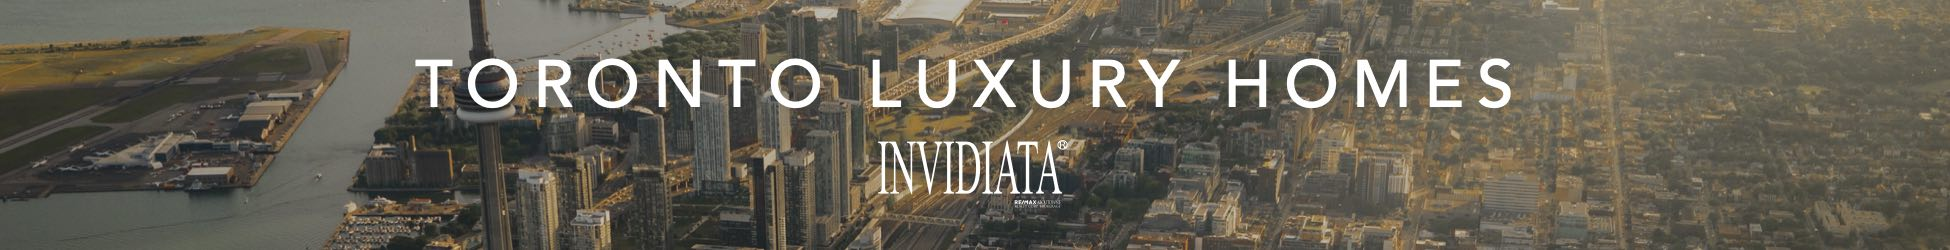 BannerAds-LuxuryOakville -09